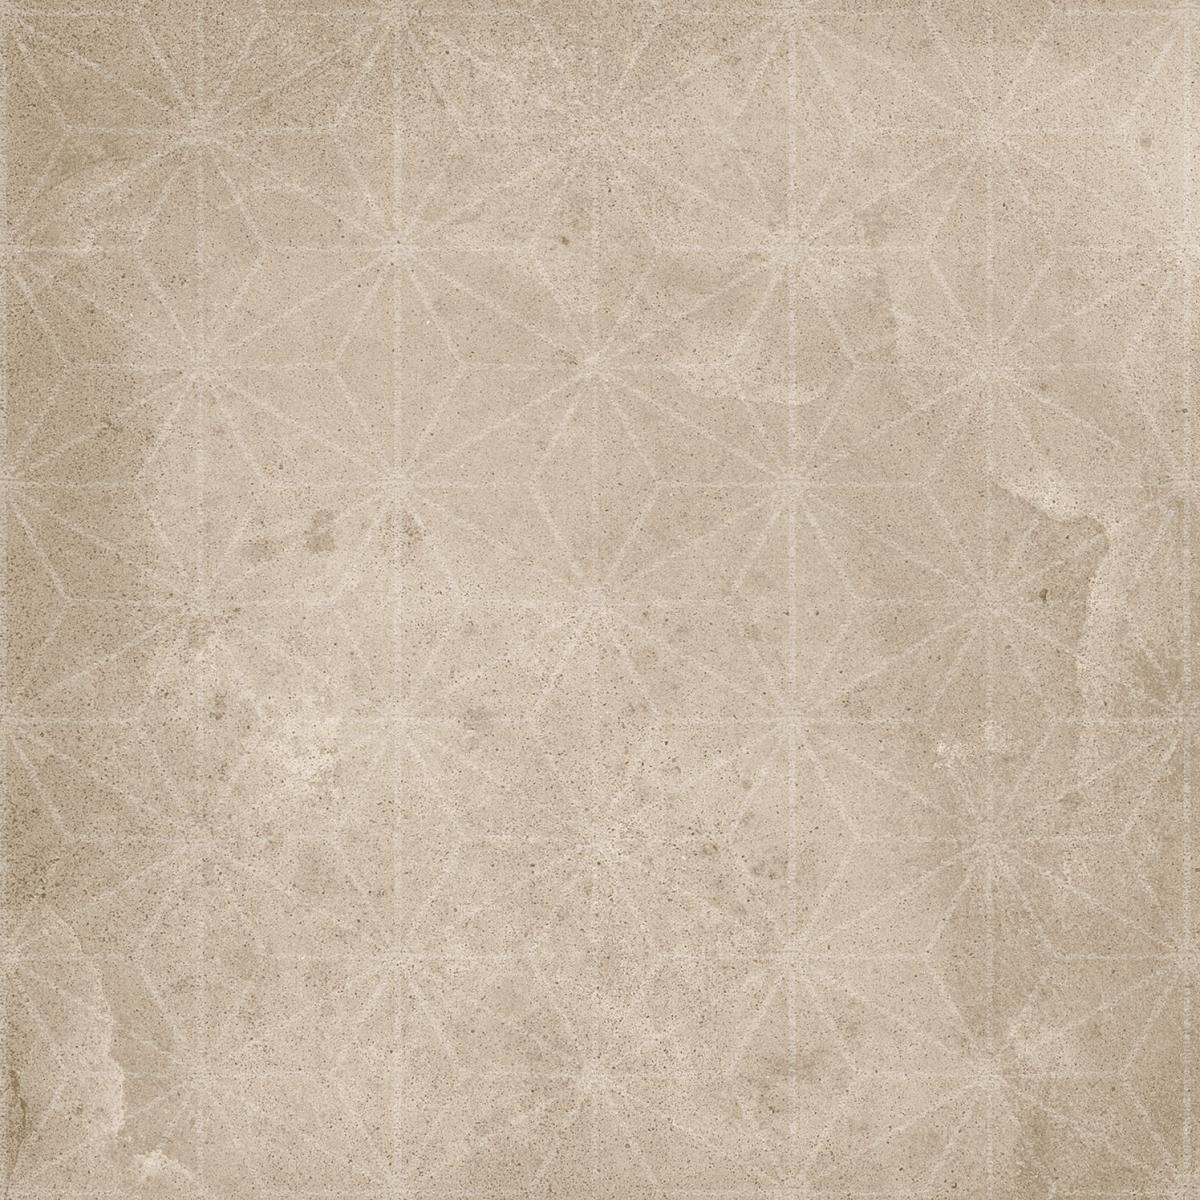 Vinci Blanco 25x25 Keros Cerámica Serie Vinci